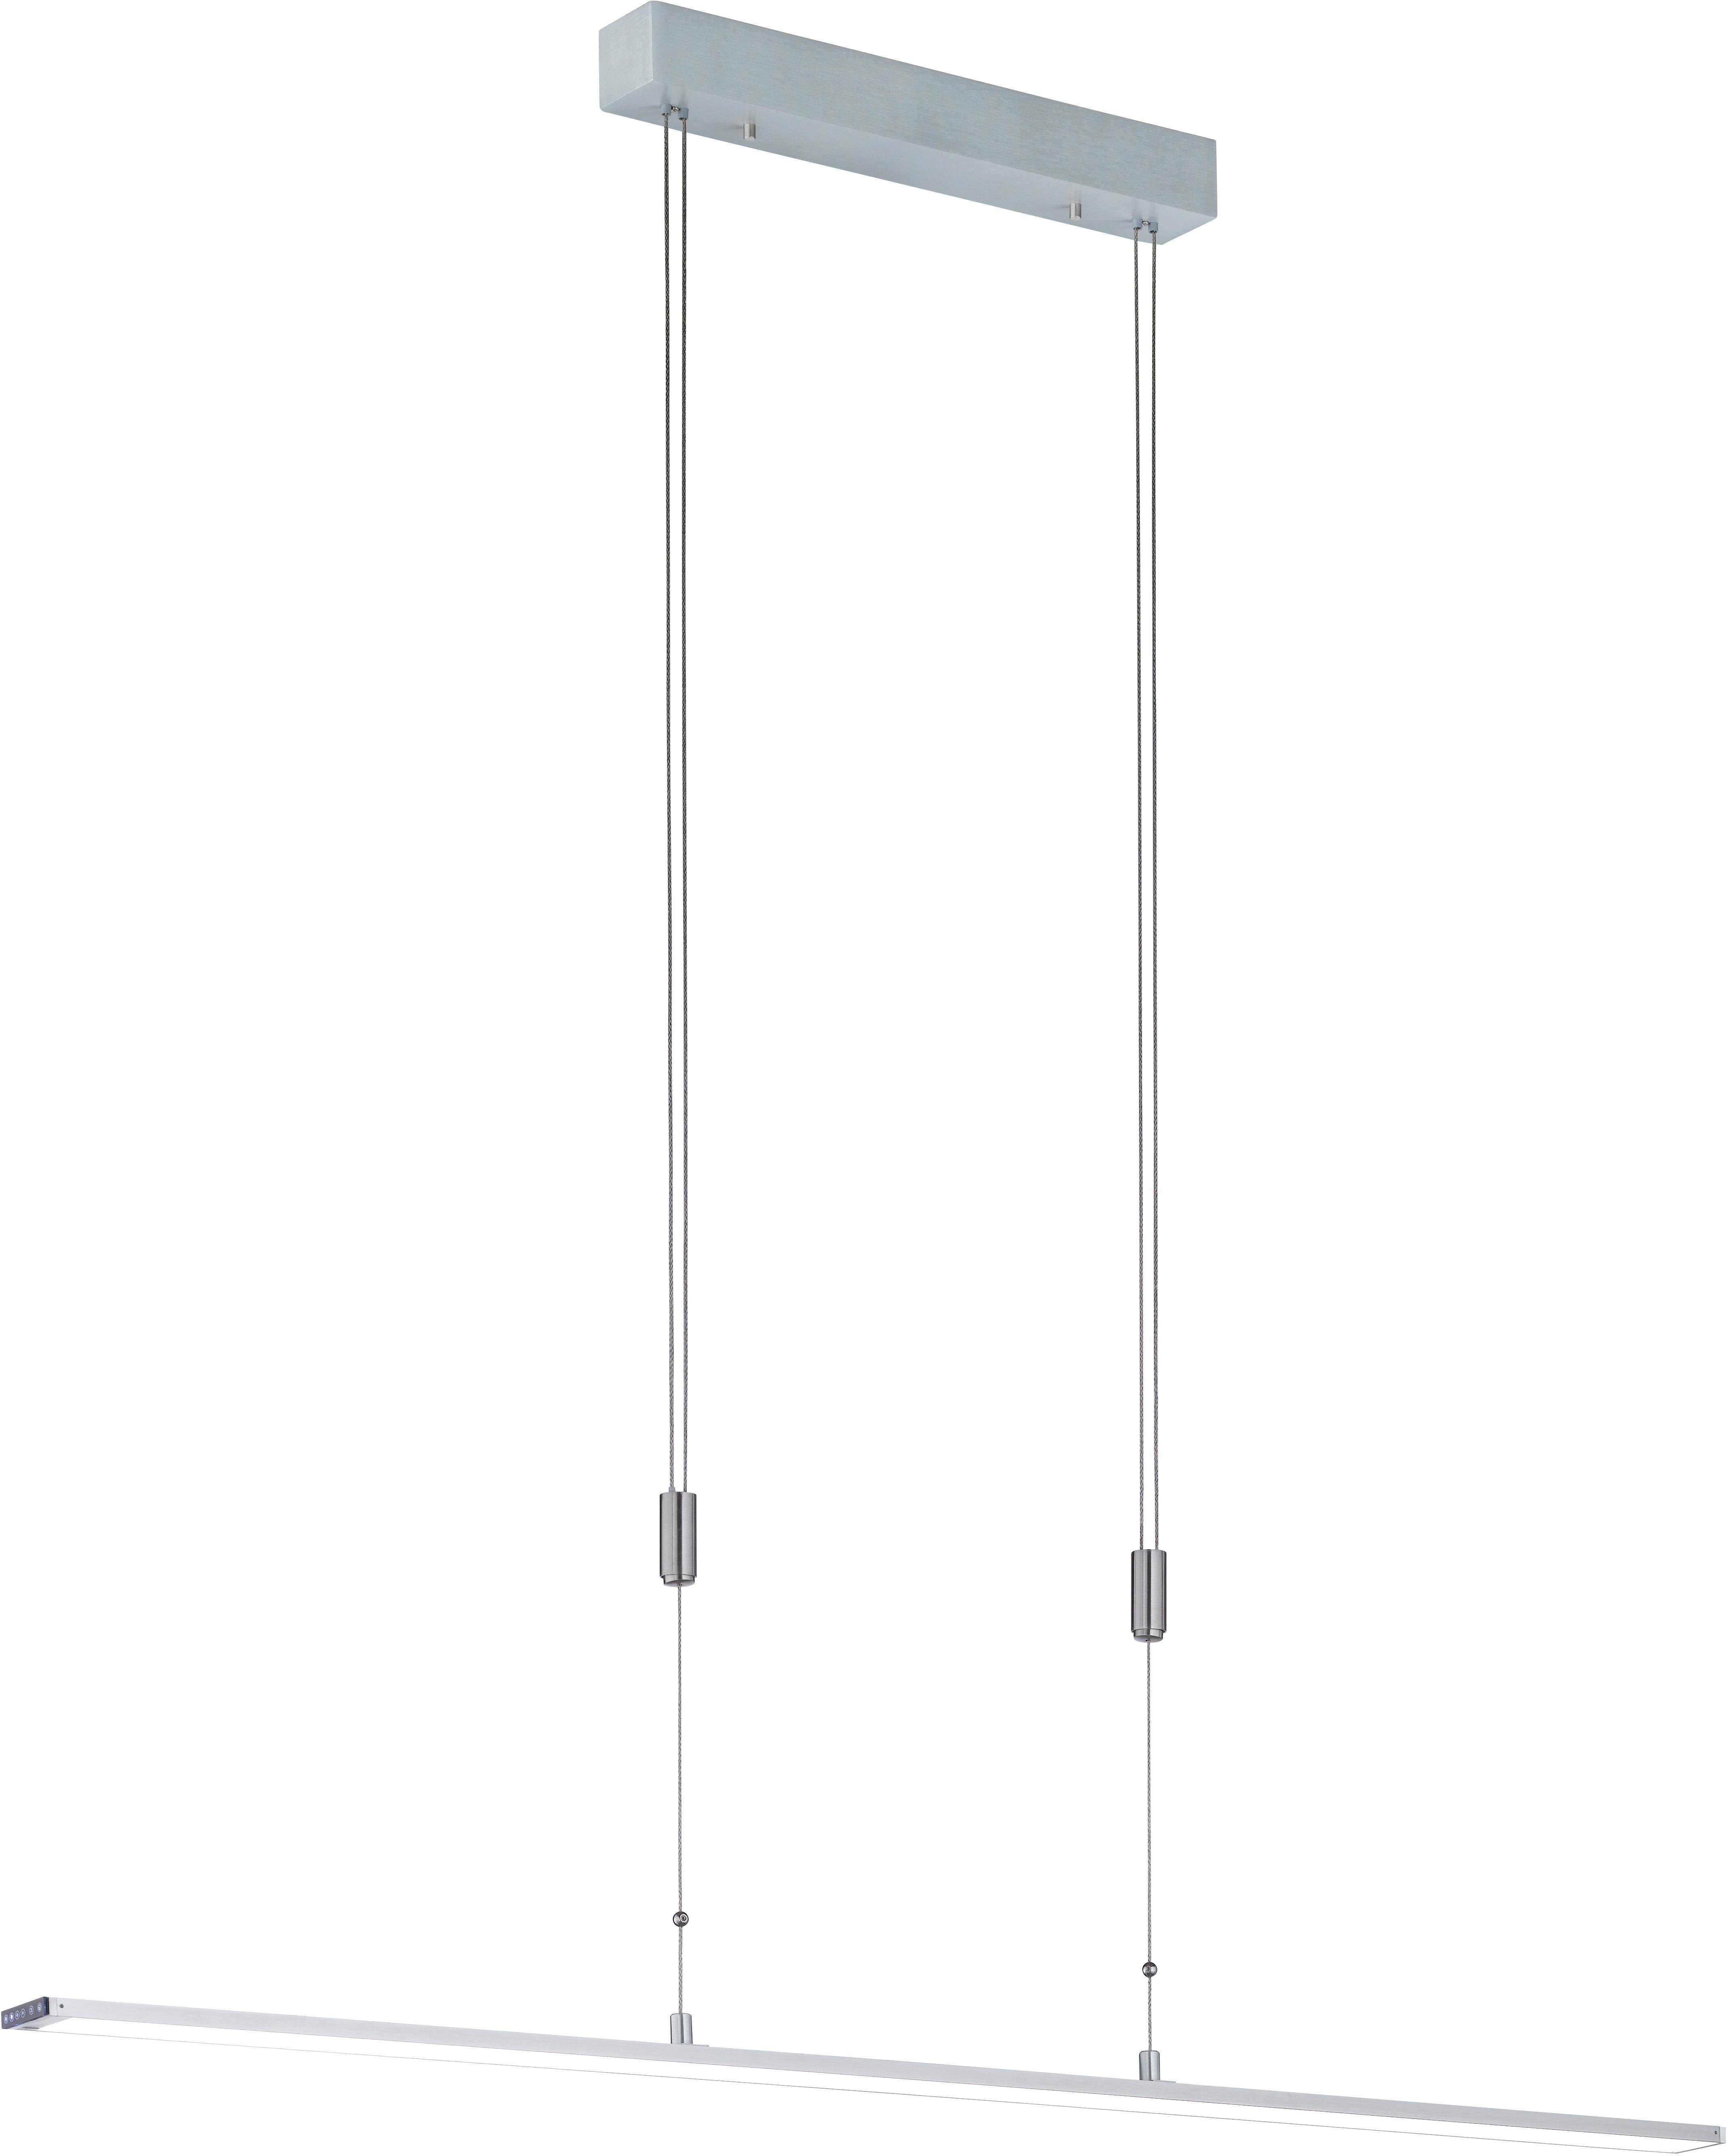 FISCHER & HONSEL LED Pendelleuchte Metz, LED-Modul, Warmweiß-Neutralweiß